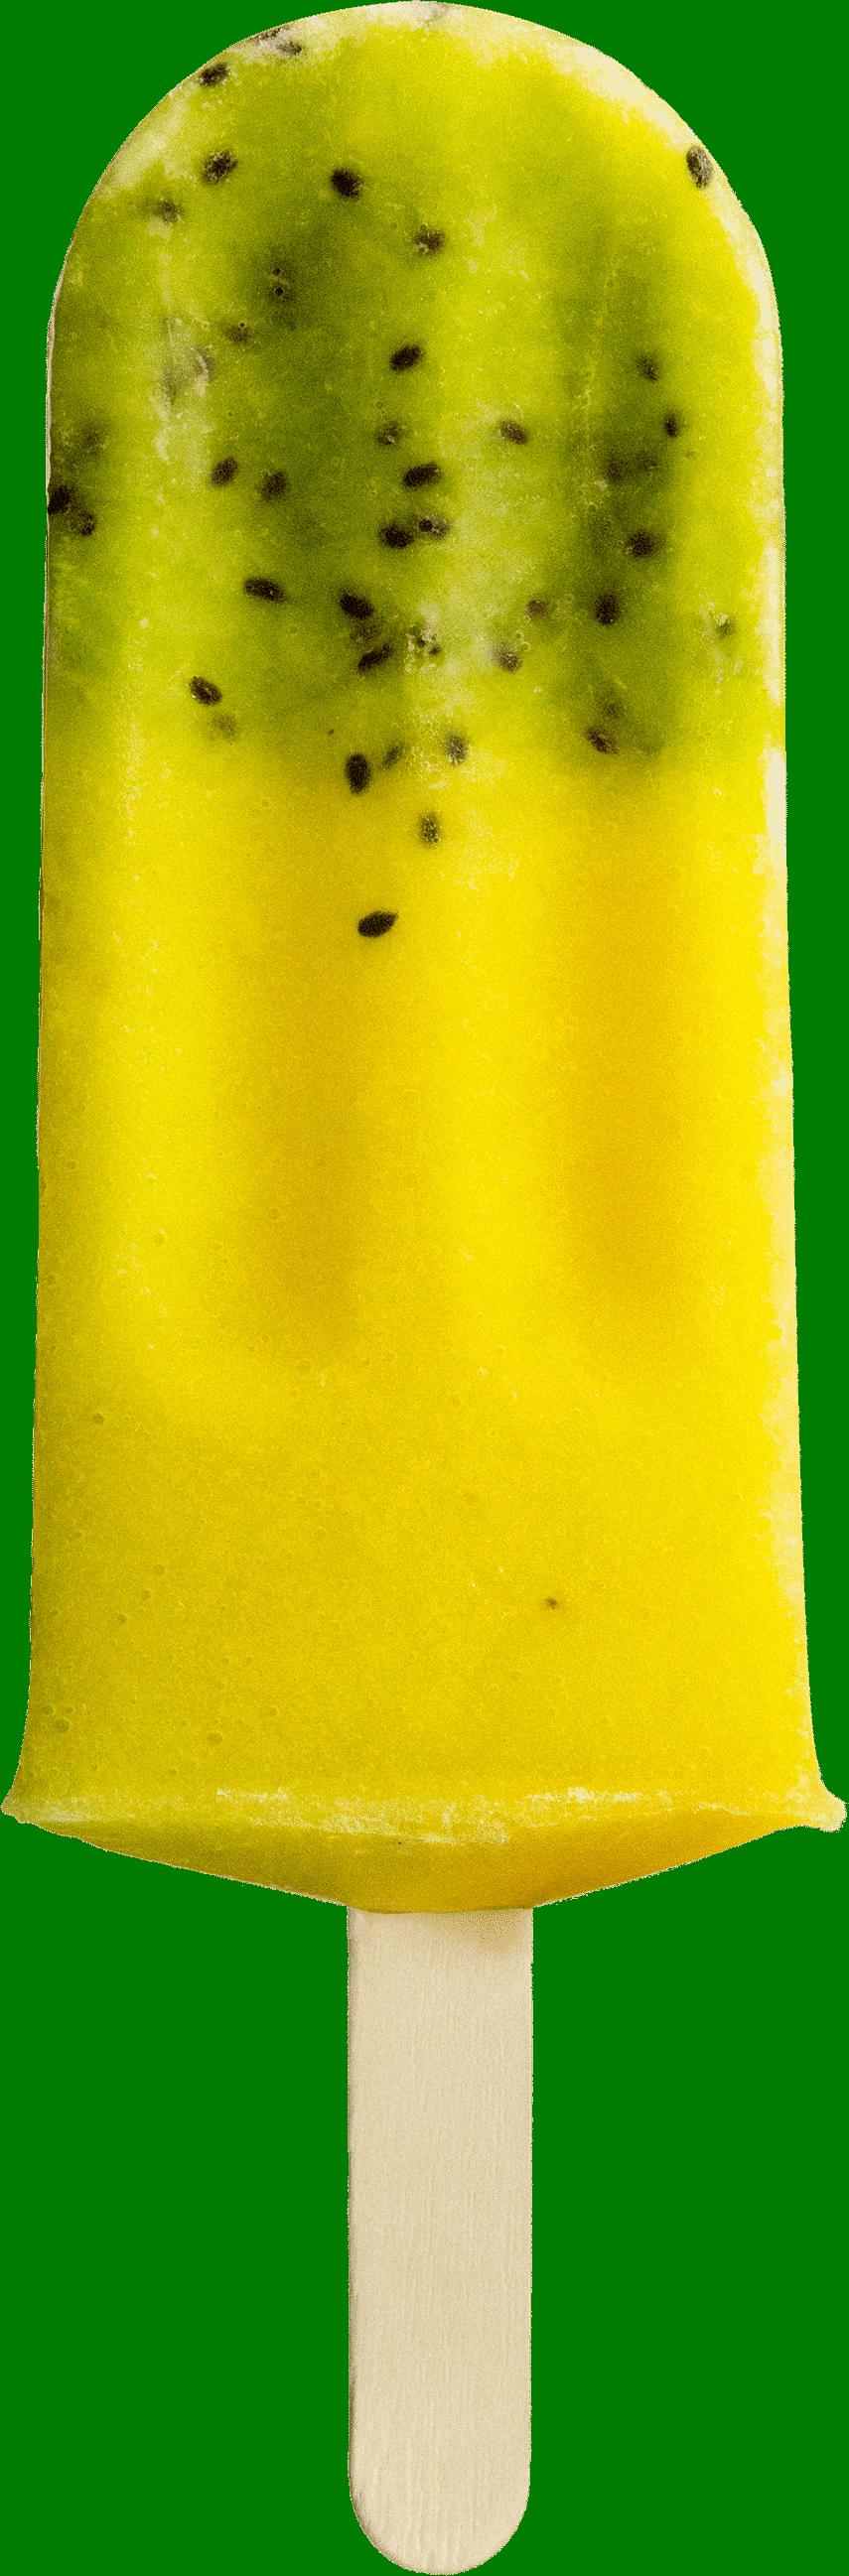 Kiwi ananas